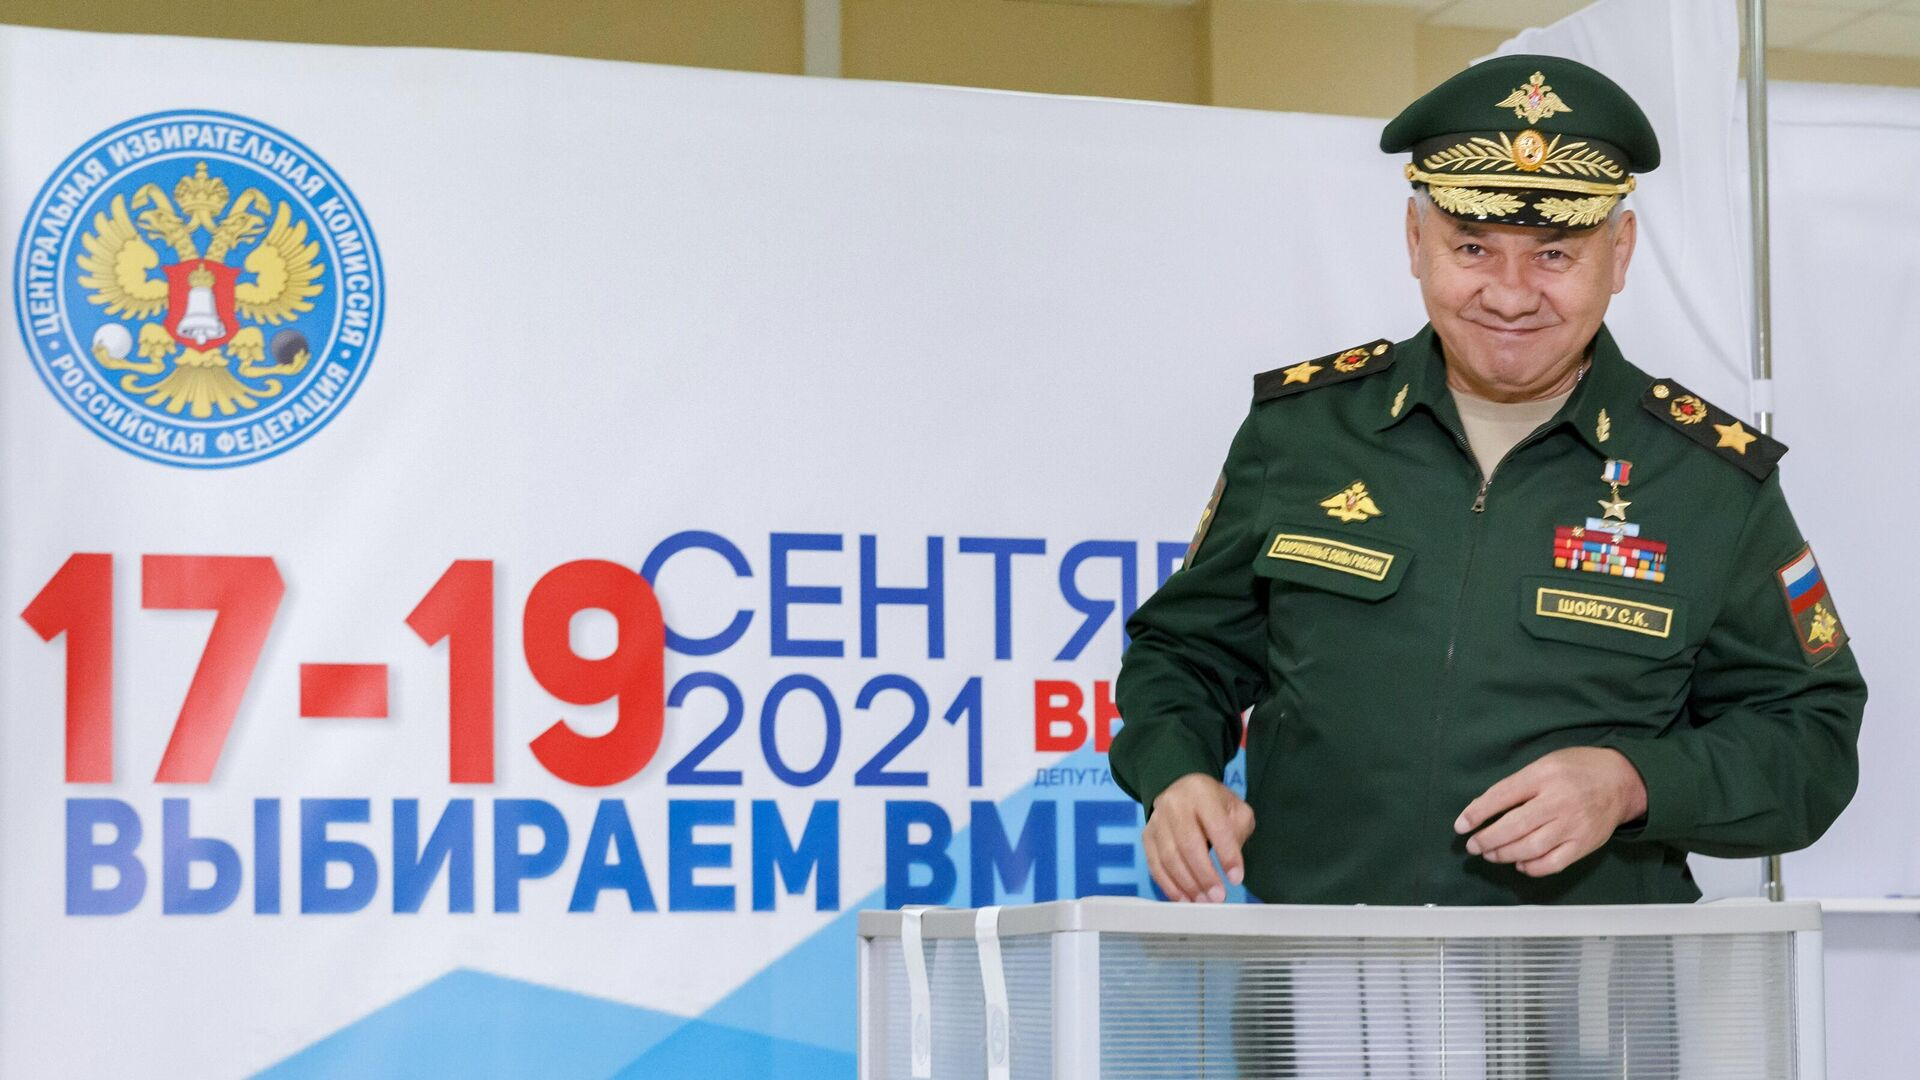 Ministar odbrane Rusije Sergej Šojgu na glasanju - Sputnik Srbija, 1920, 17.09.2021